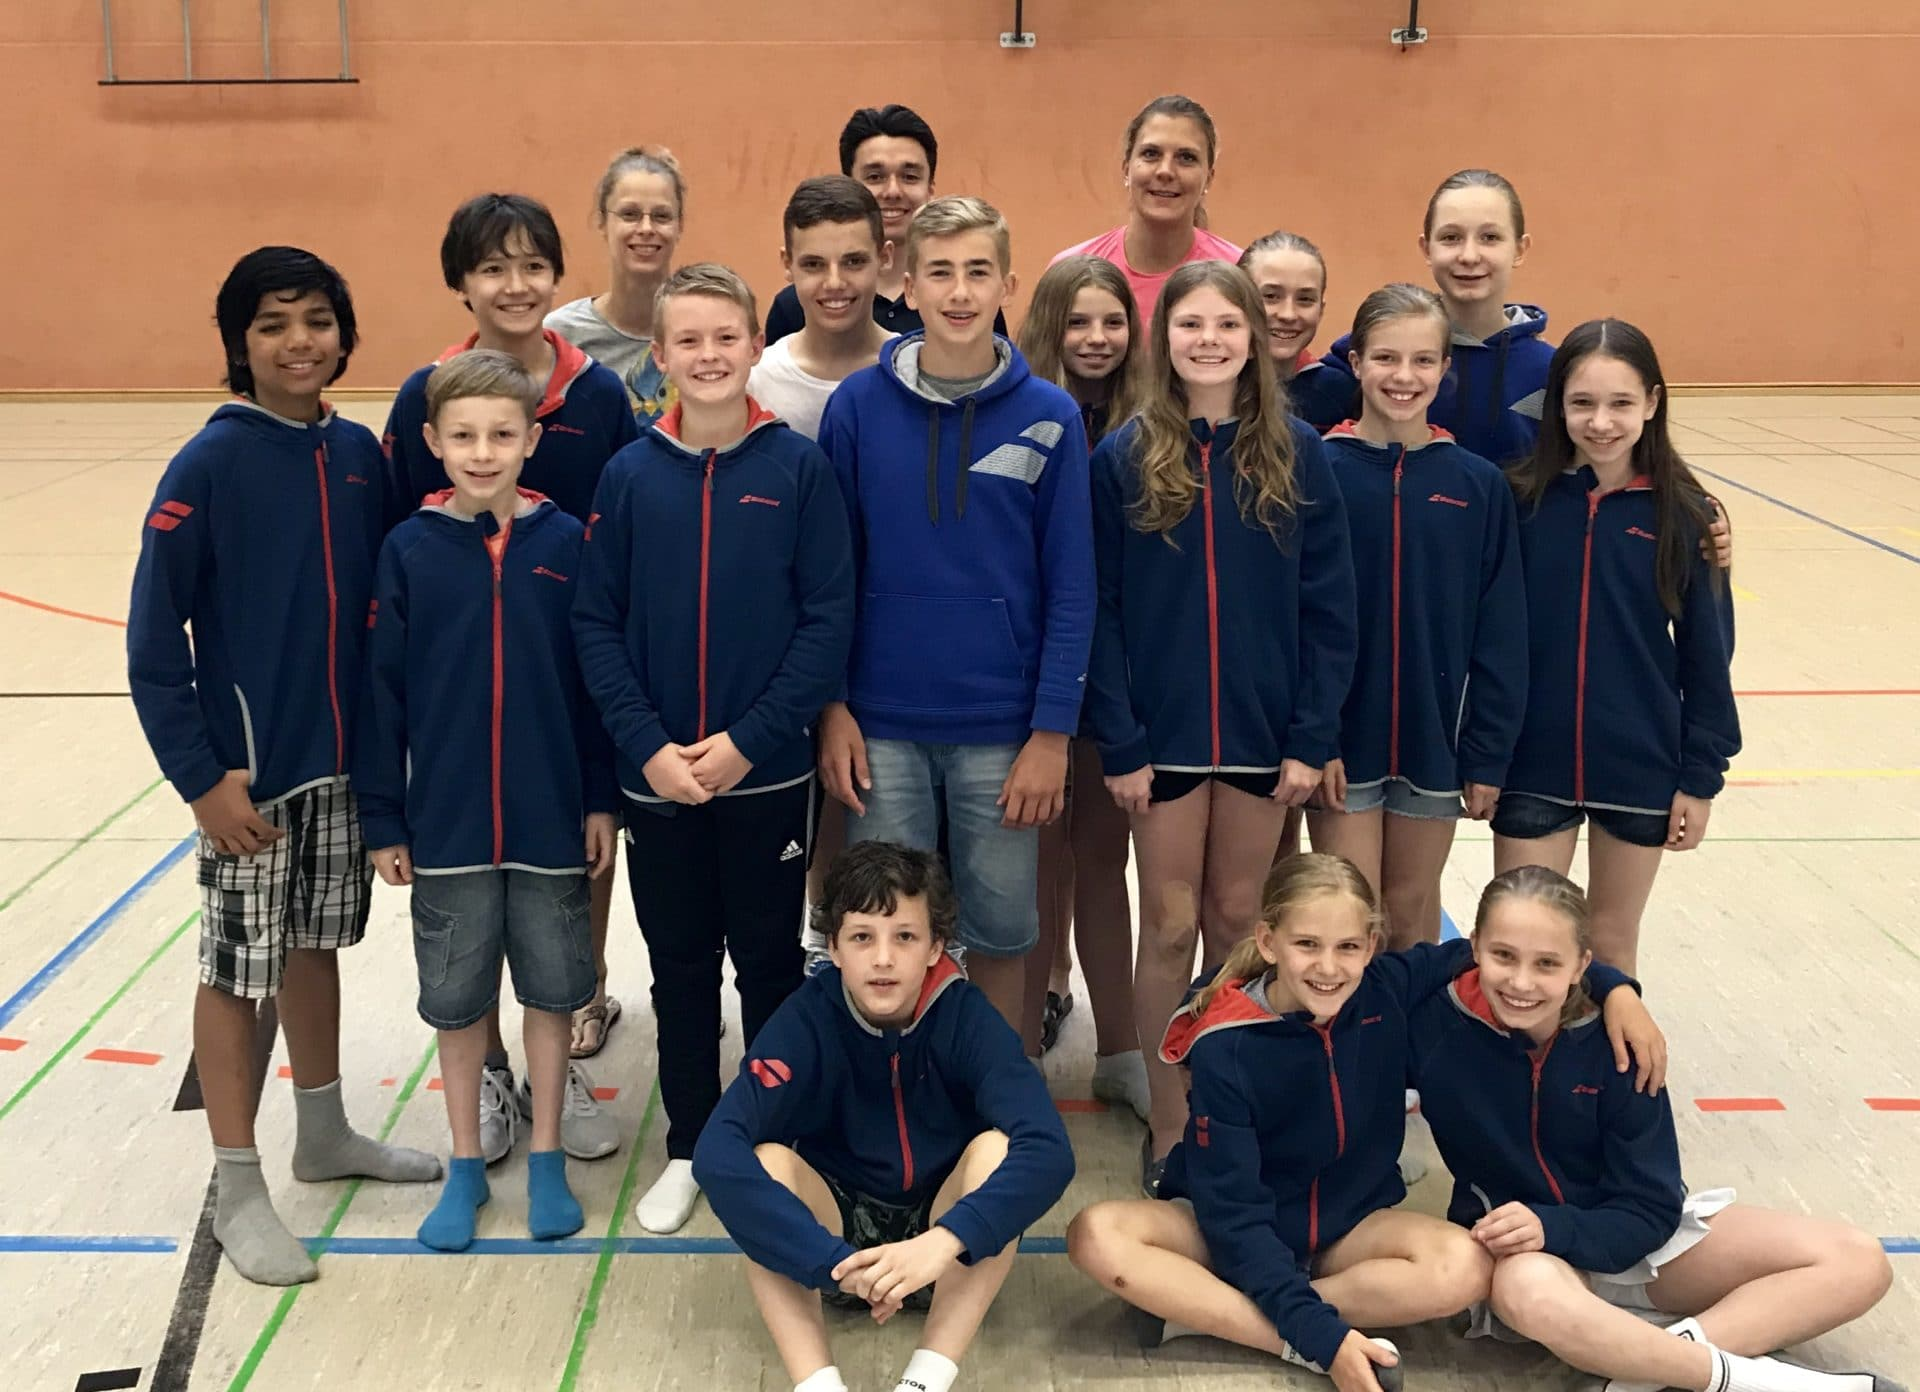 Teamfoto während der 1. Norddeutschen Rangliste U13 & U15 in Merseburg